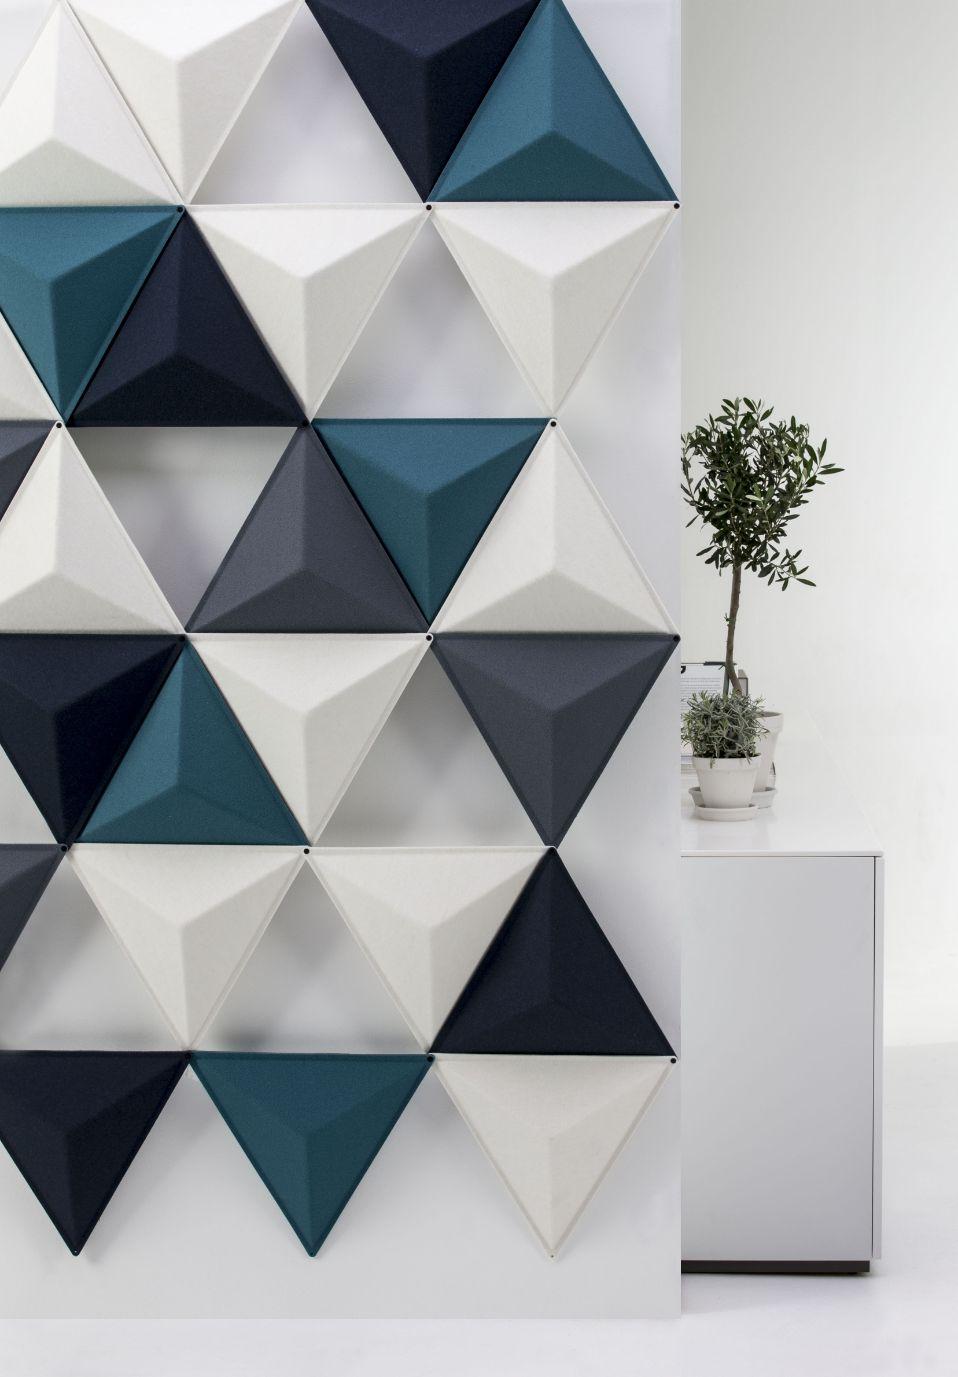 Een afbeelding van een akoestisch hang- plafond element op Akoestiekspecialist genaamd Abstracta Aircone.